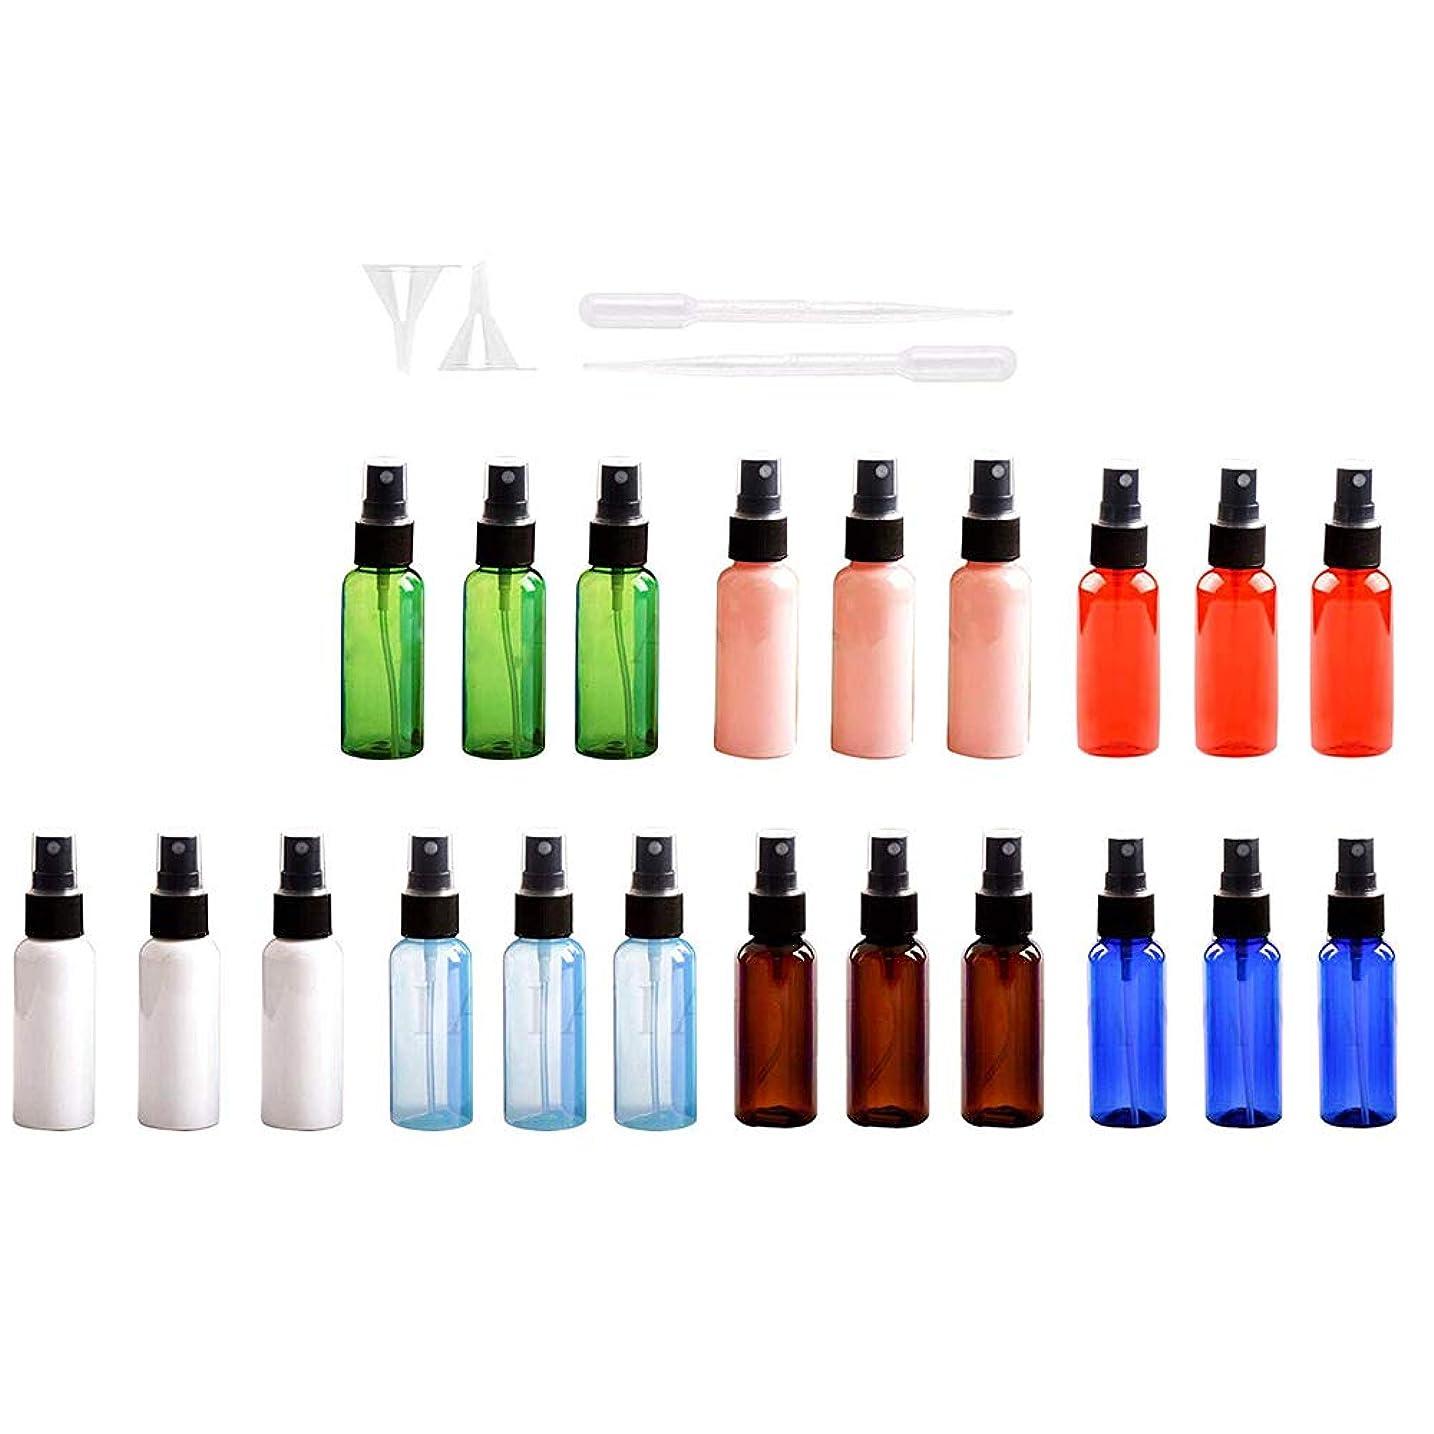 沿って地殻故障中スプレーボトル 21本セット 詰替ボトル 遮光 空容器 霧吹き30ML 遮光瓶スプレーキャップ付 プラスチック製